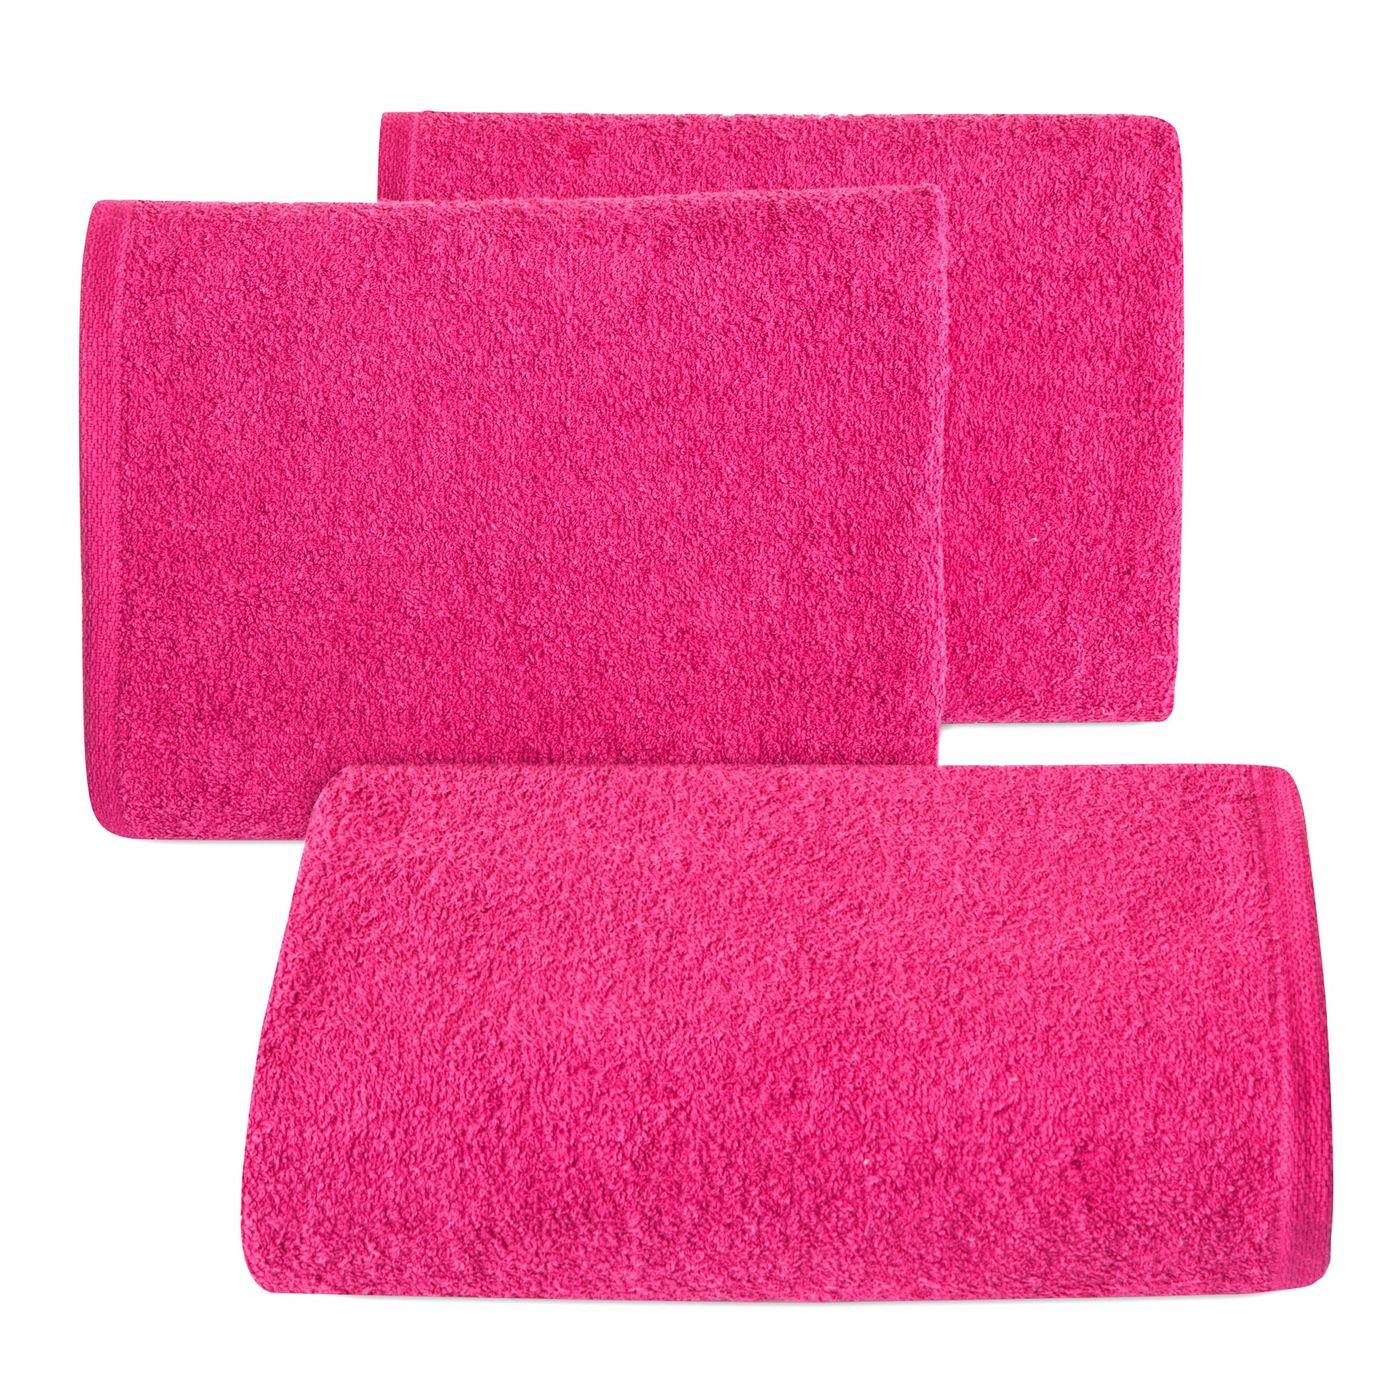 Gładki ręcznik kąpielowy amarantowy 50x90 cm